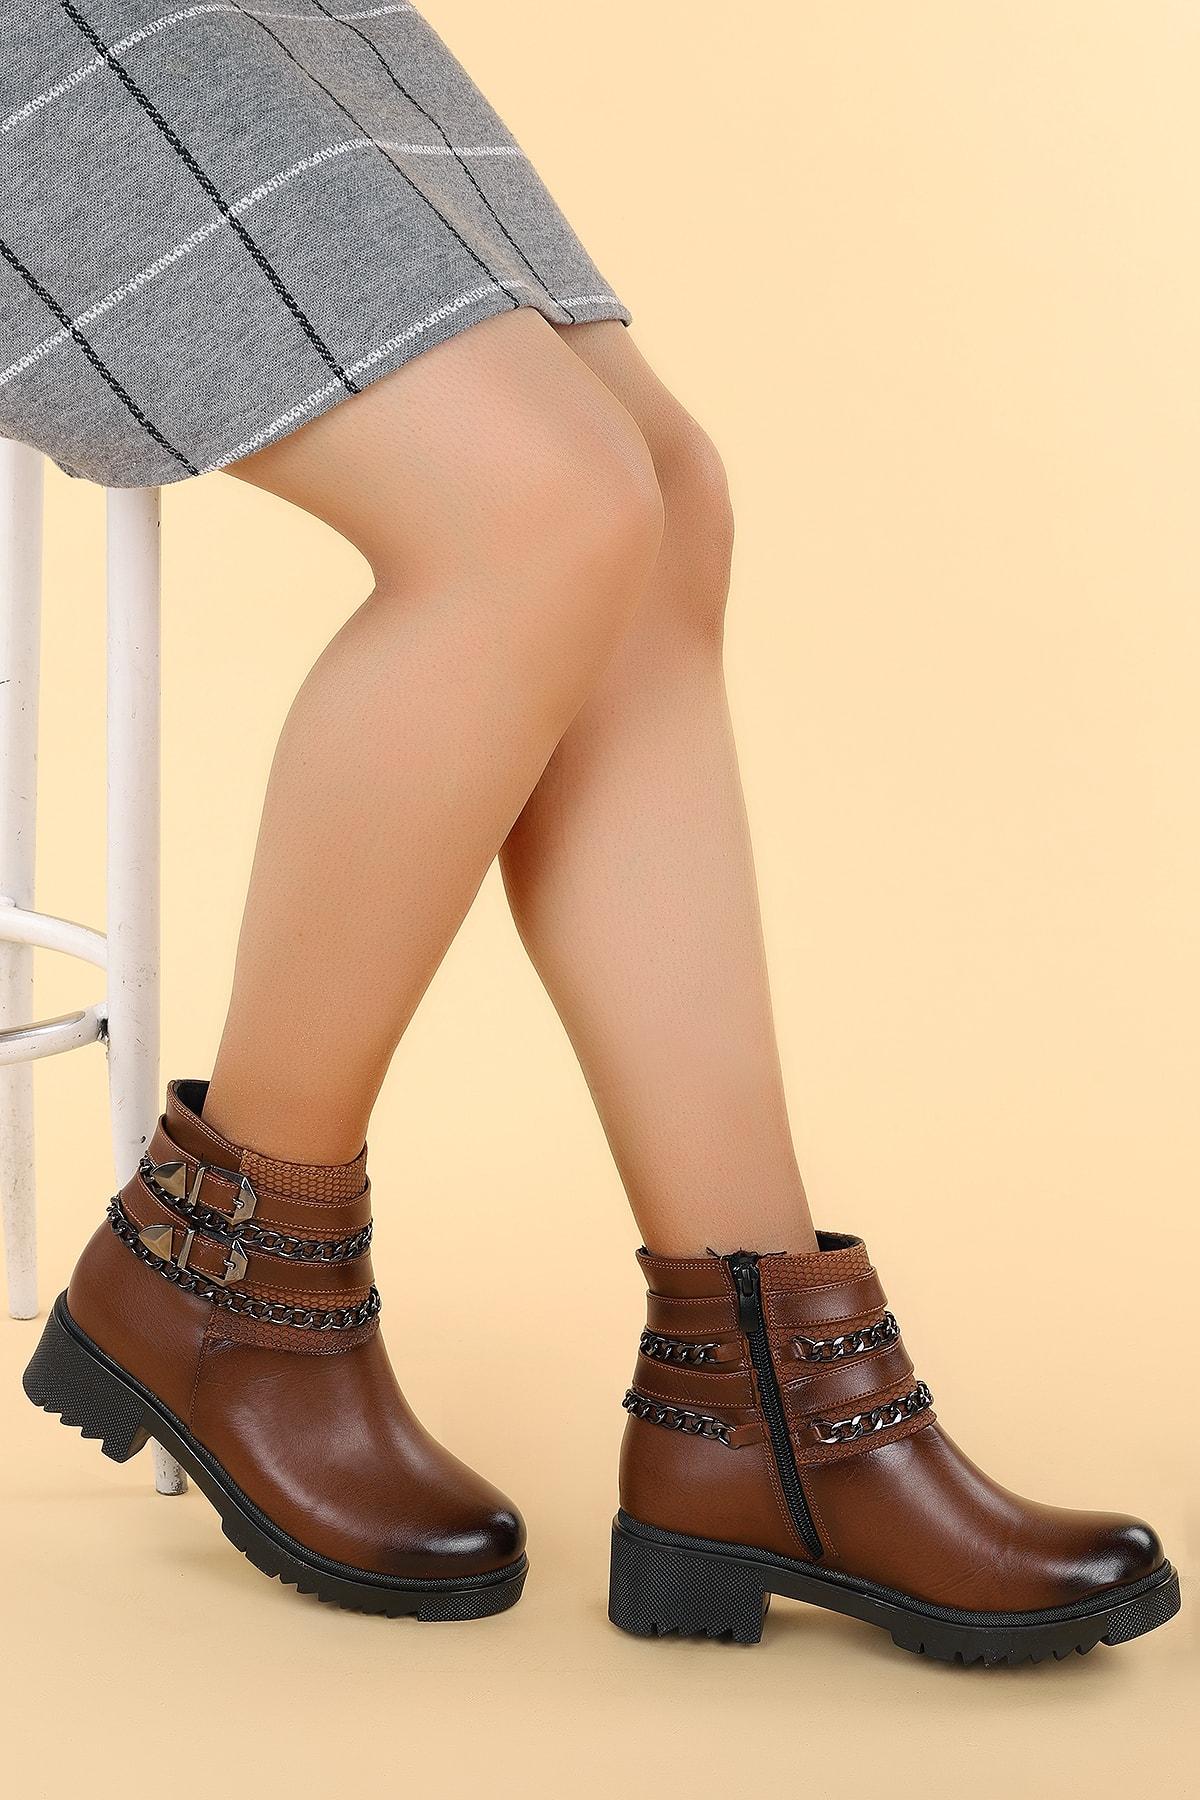 Ayakland Kadın Kahverengi Cilt Termo Taban Bot N1983-5005 2